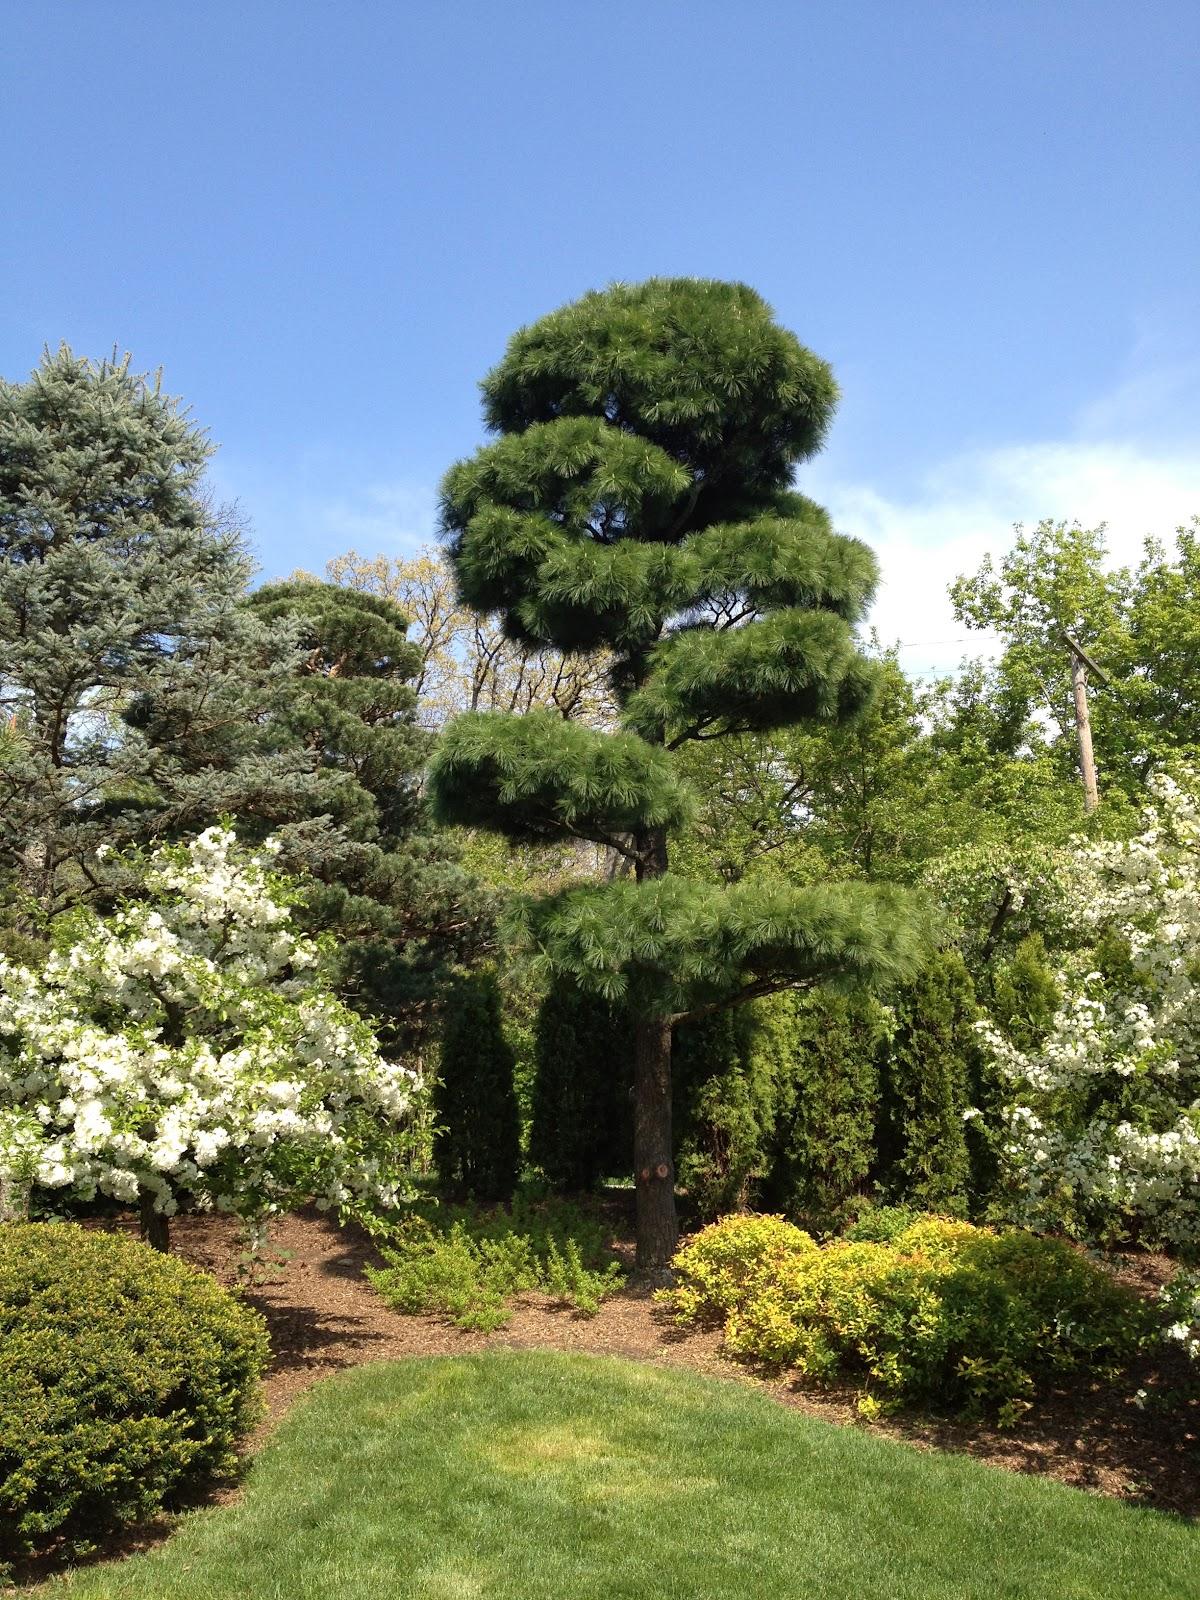 Garden of reflection trees in japanese gardens for Japanese garden trees